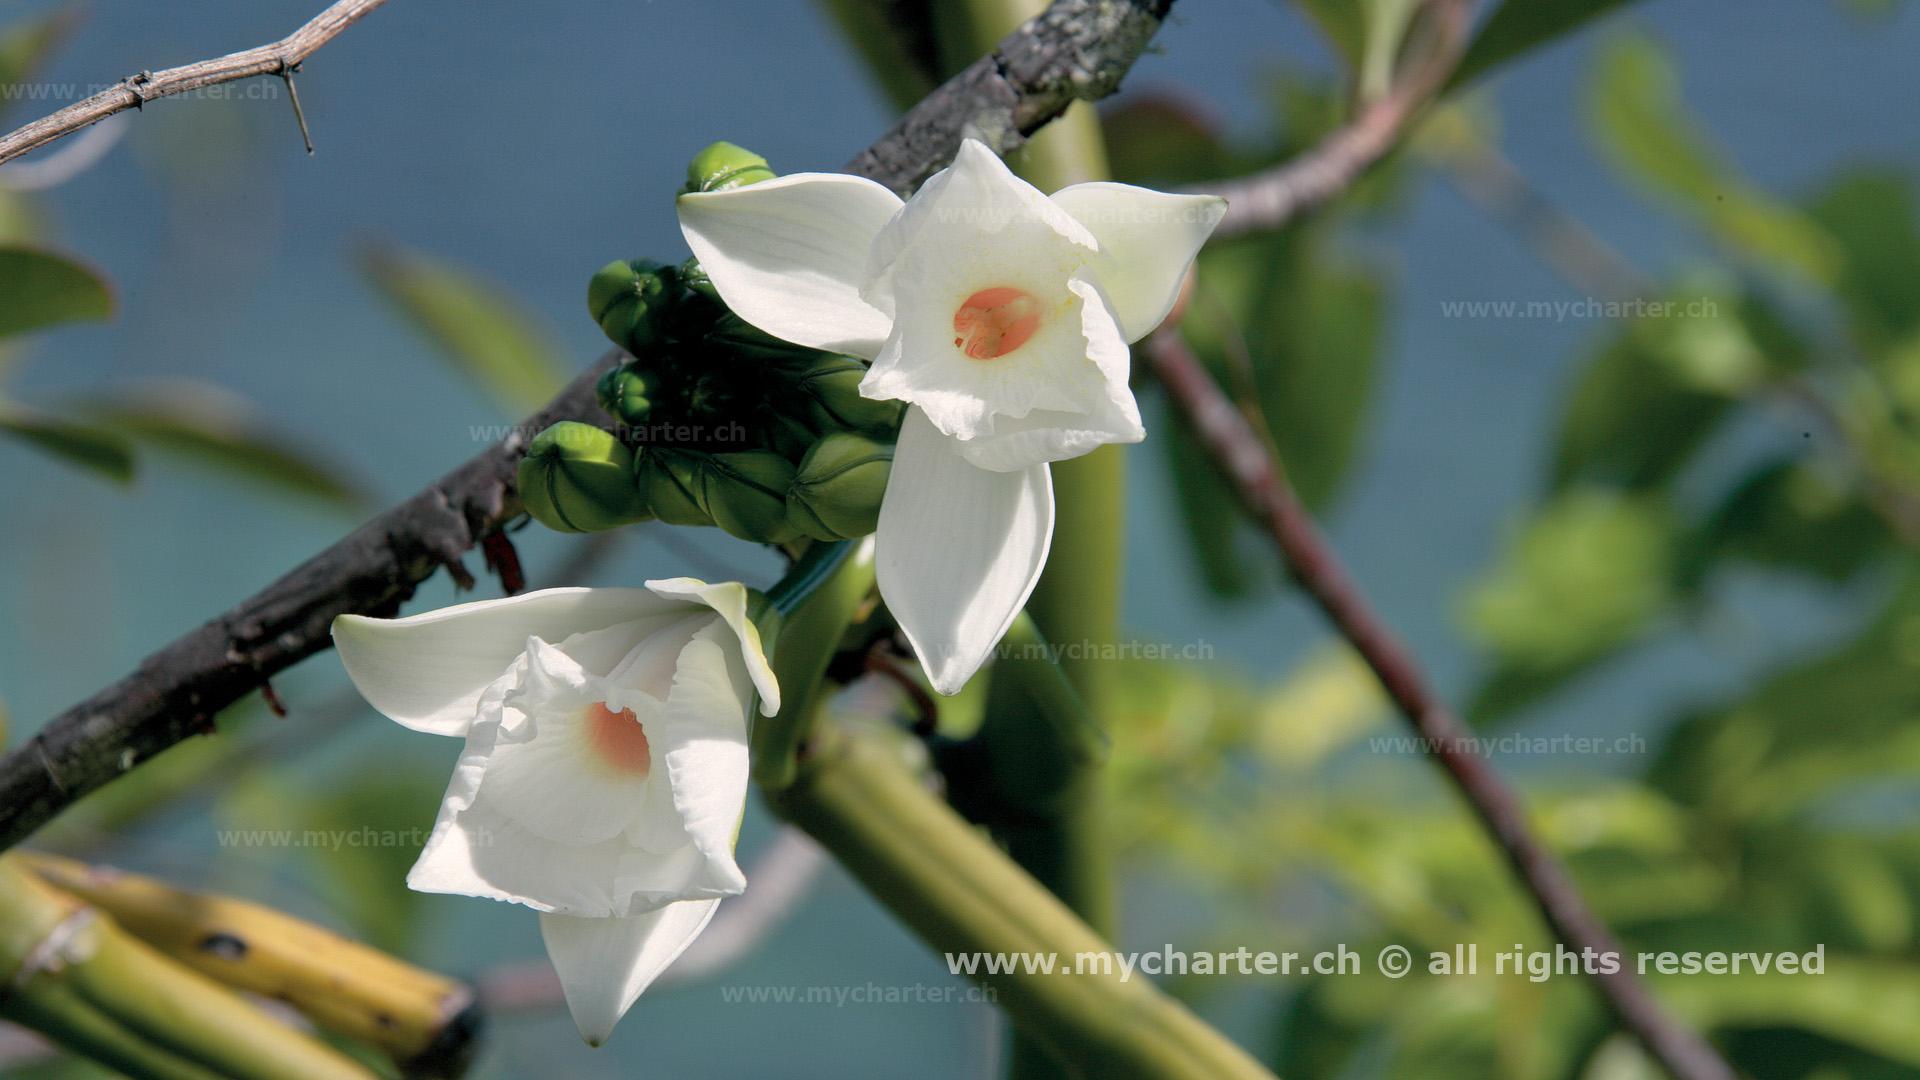 Seychellen - Vanillie-Orchidee